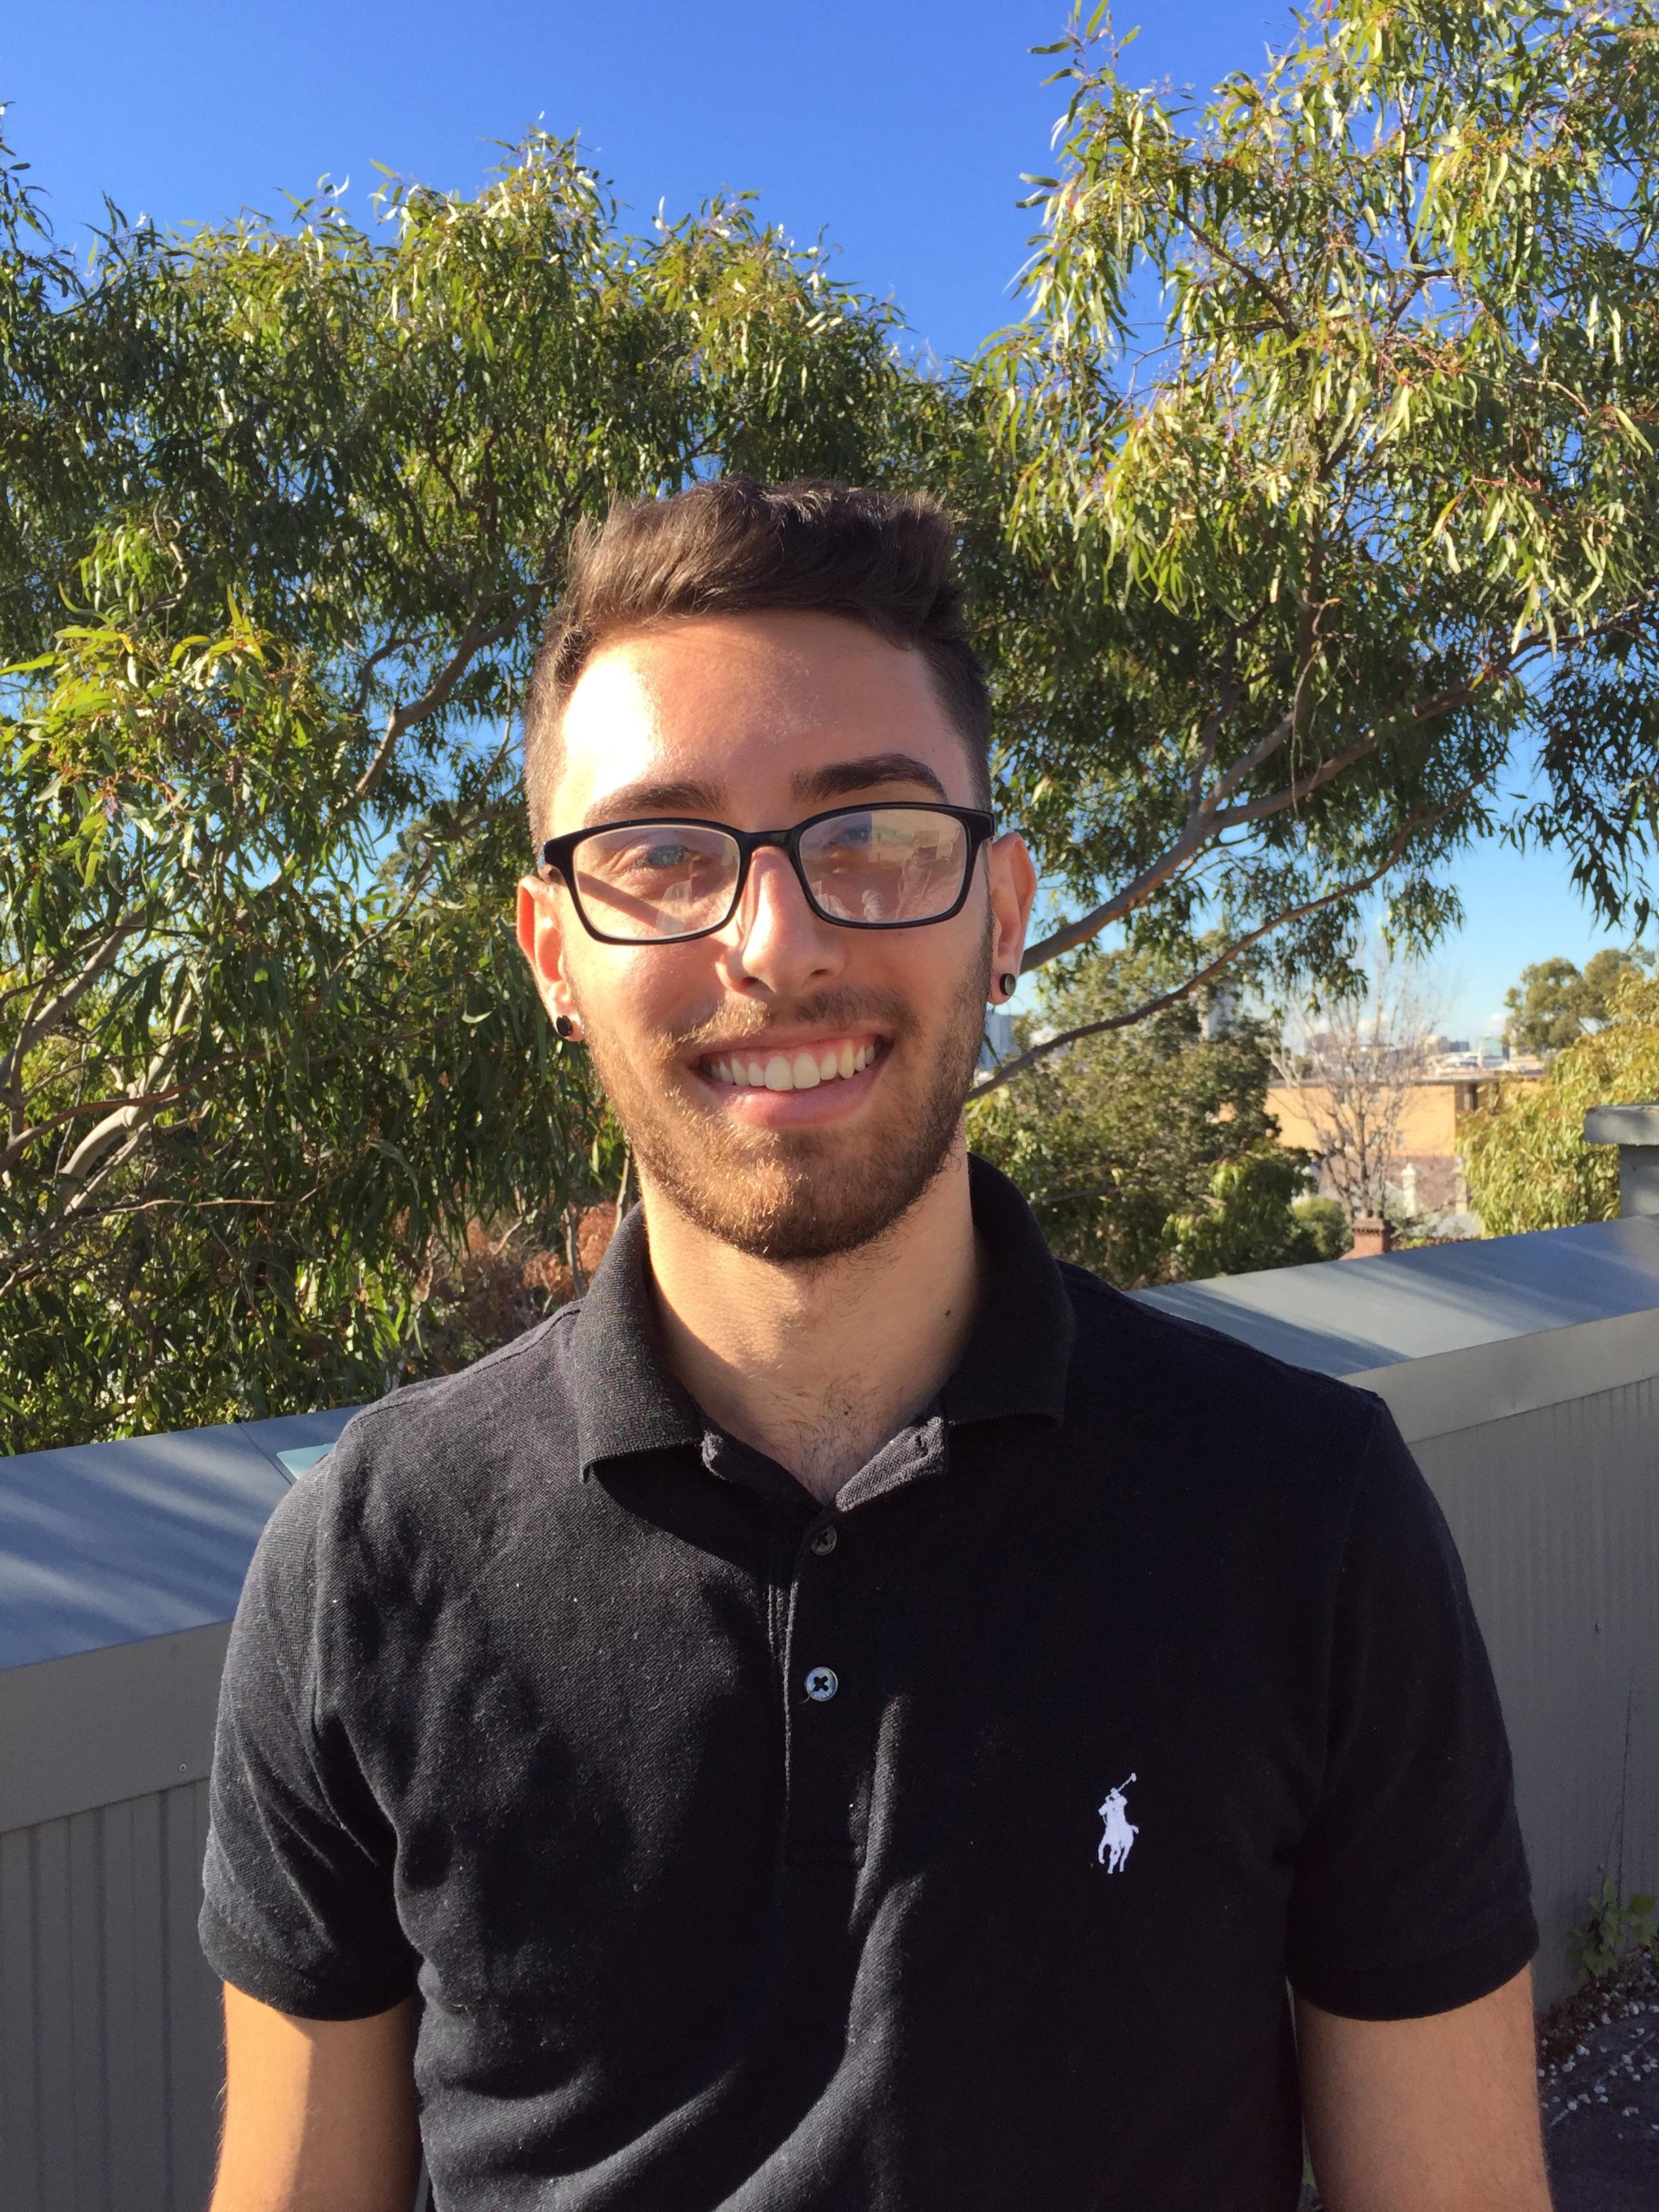 Anthony Nedanoski  ENGINEERING HONOURS STUDENT